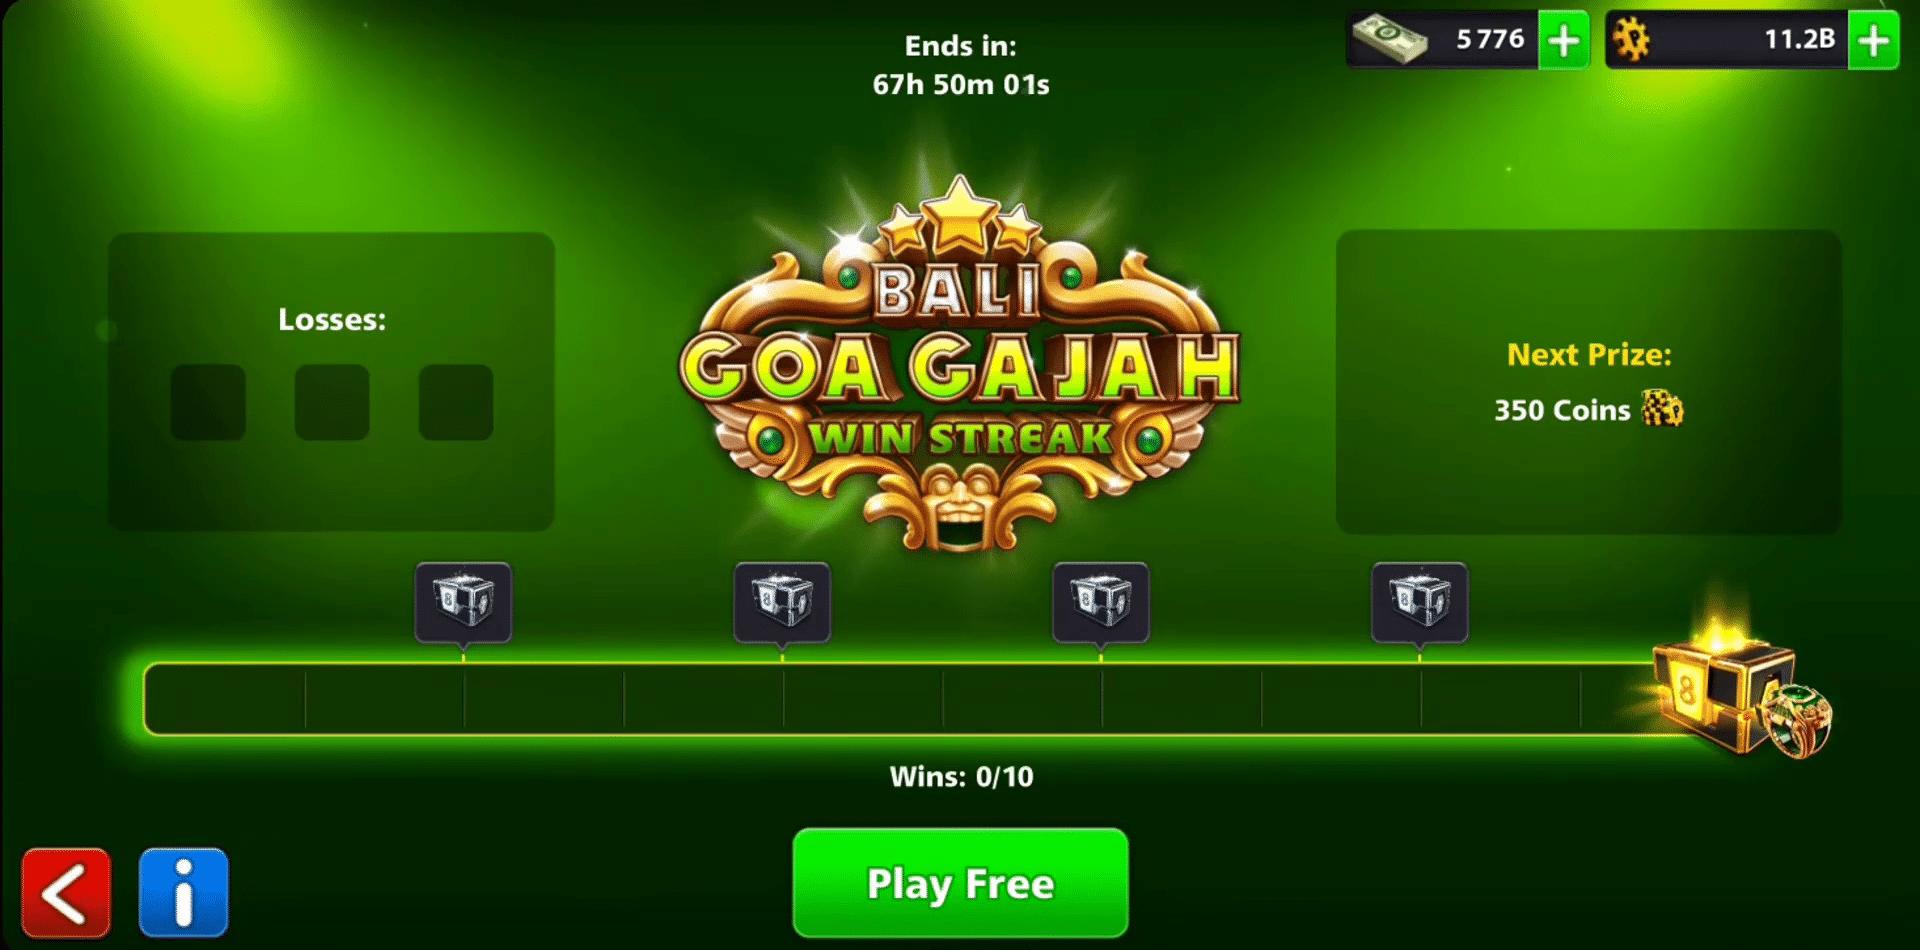 Bali Goa Gajah win streak